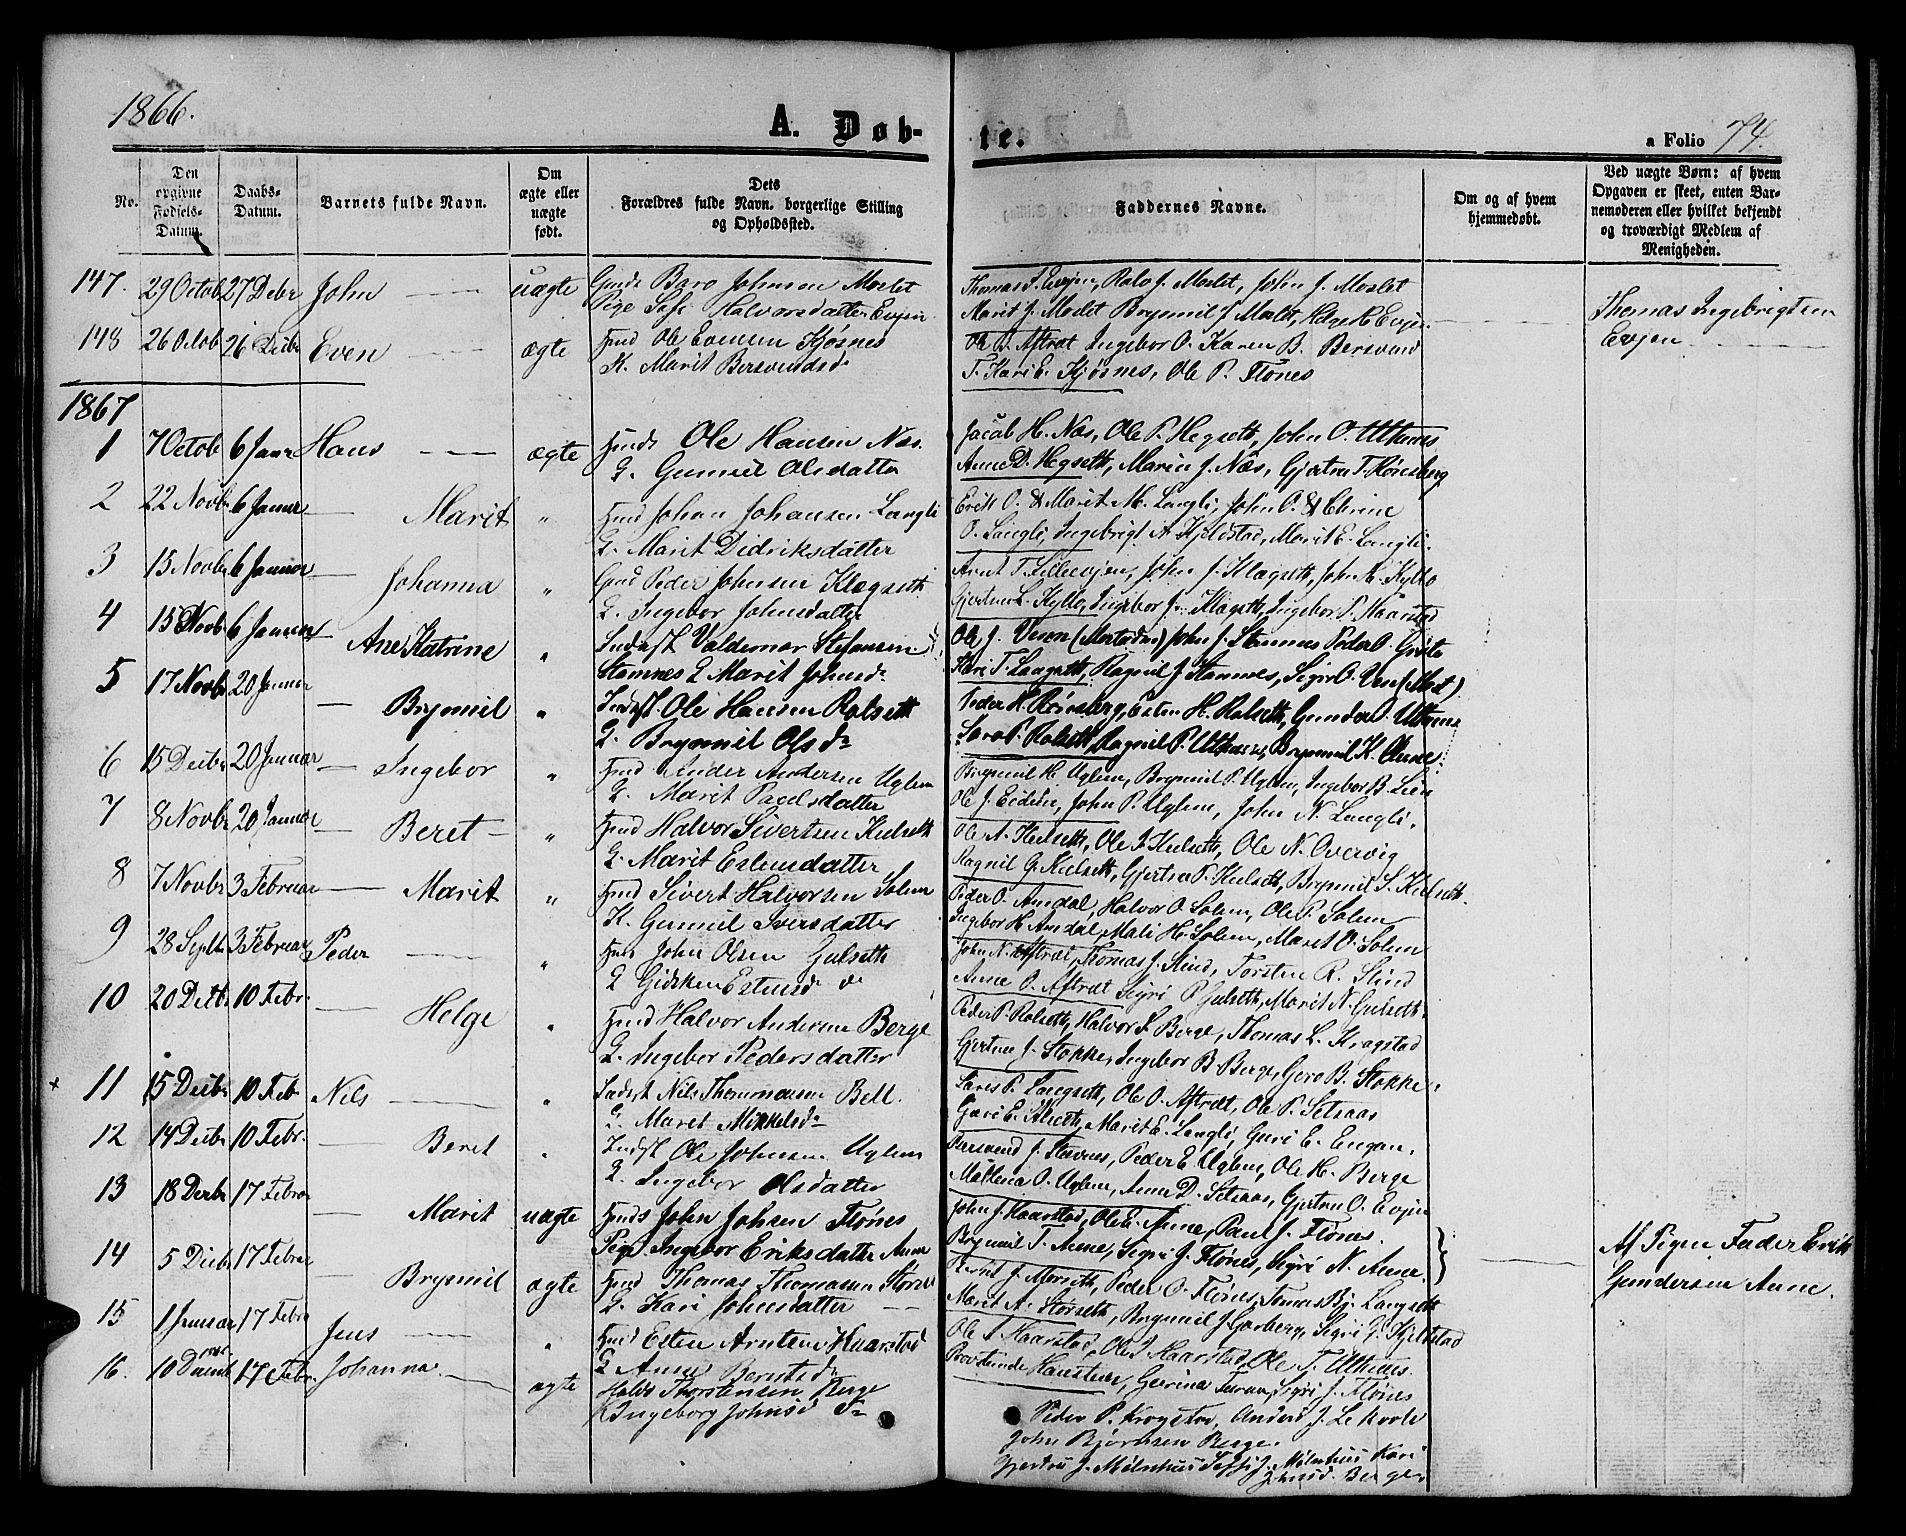 SAT, Ministerialprotokoller, klokkerbøker og fødselsregistre - Sør-Trøndelag, 695/L1155: Klokkerbok nr. 695C06, 1859-1868, s. 74